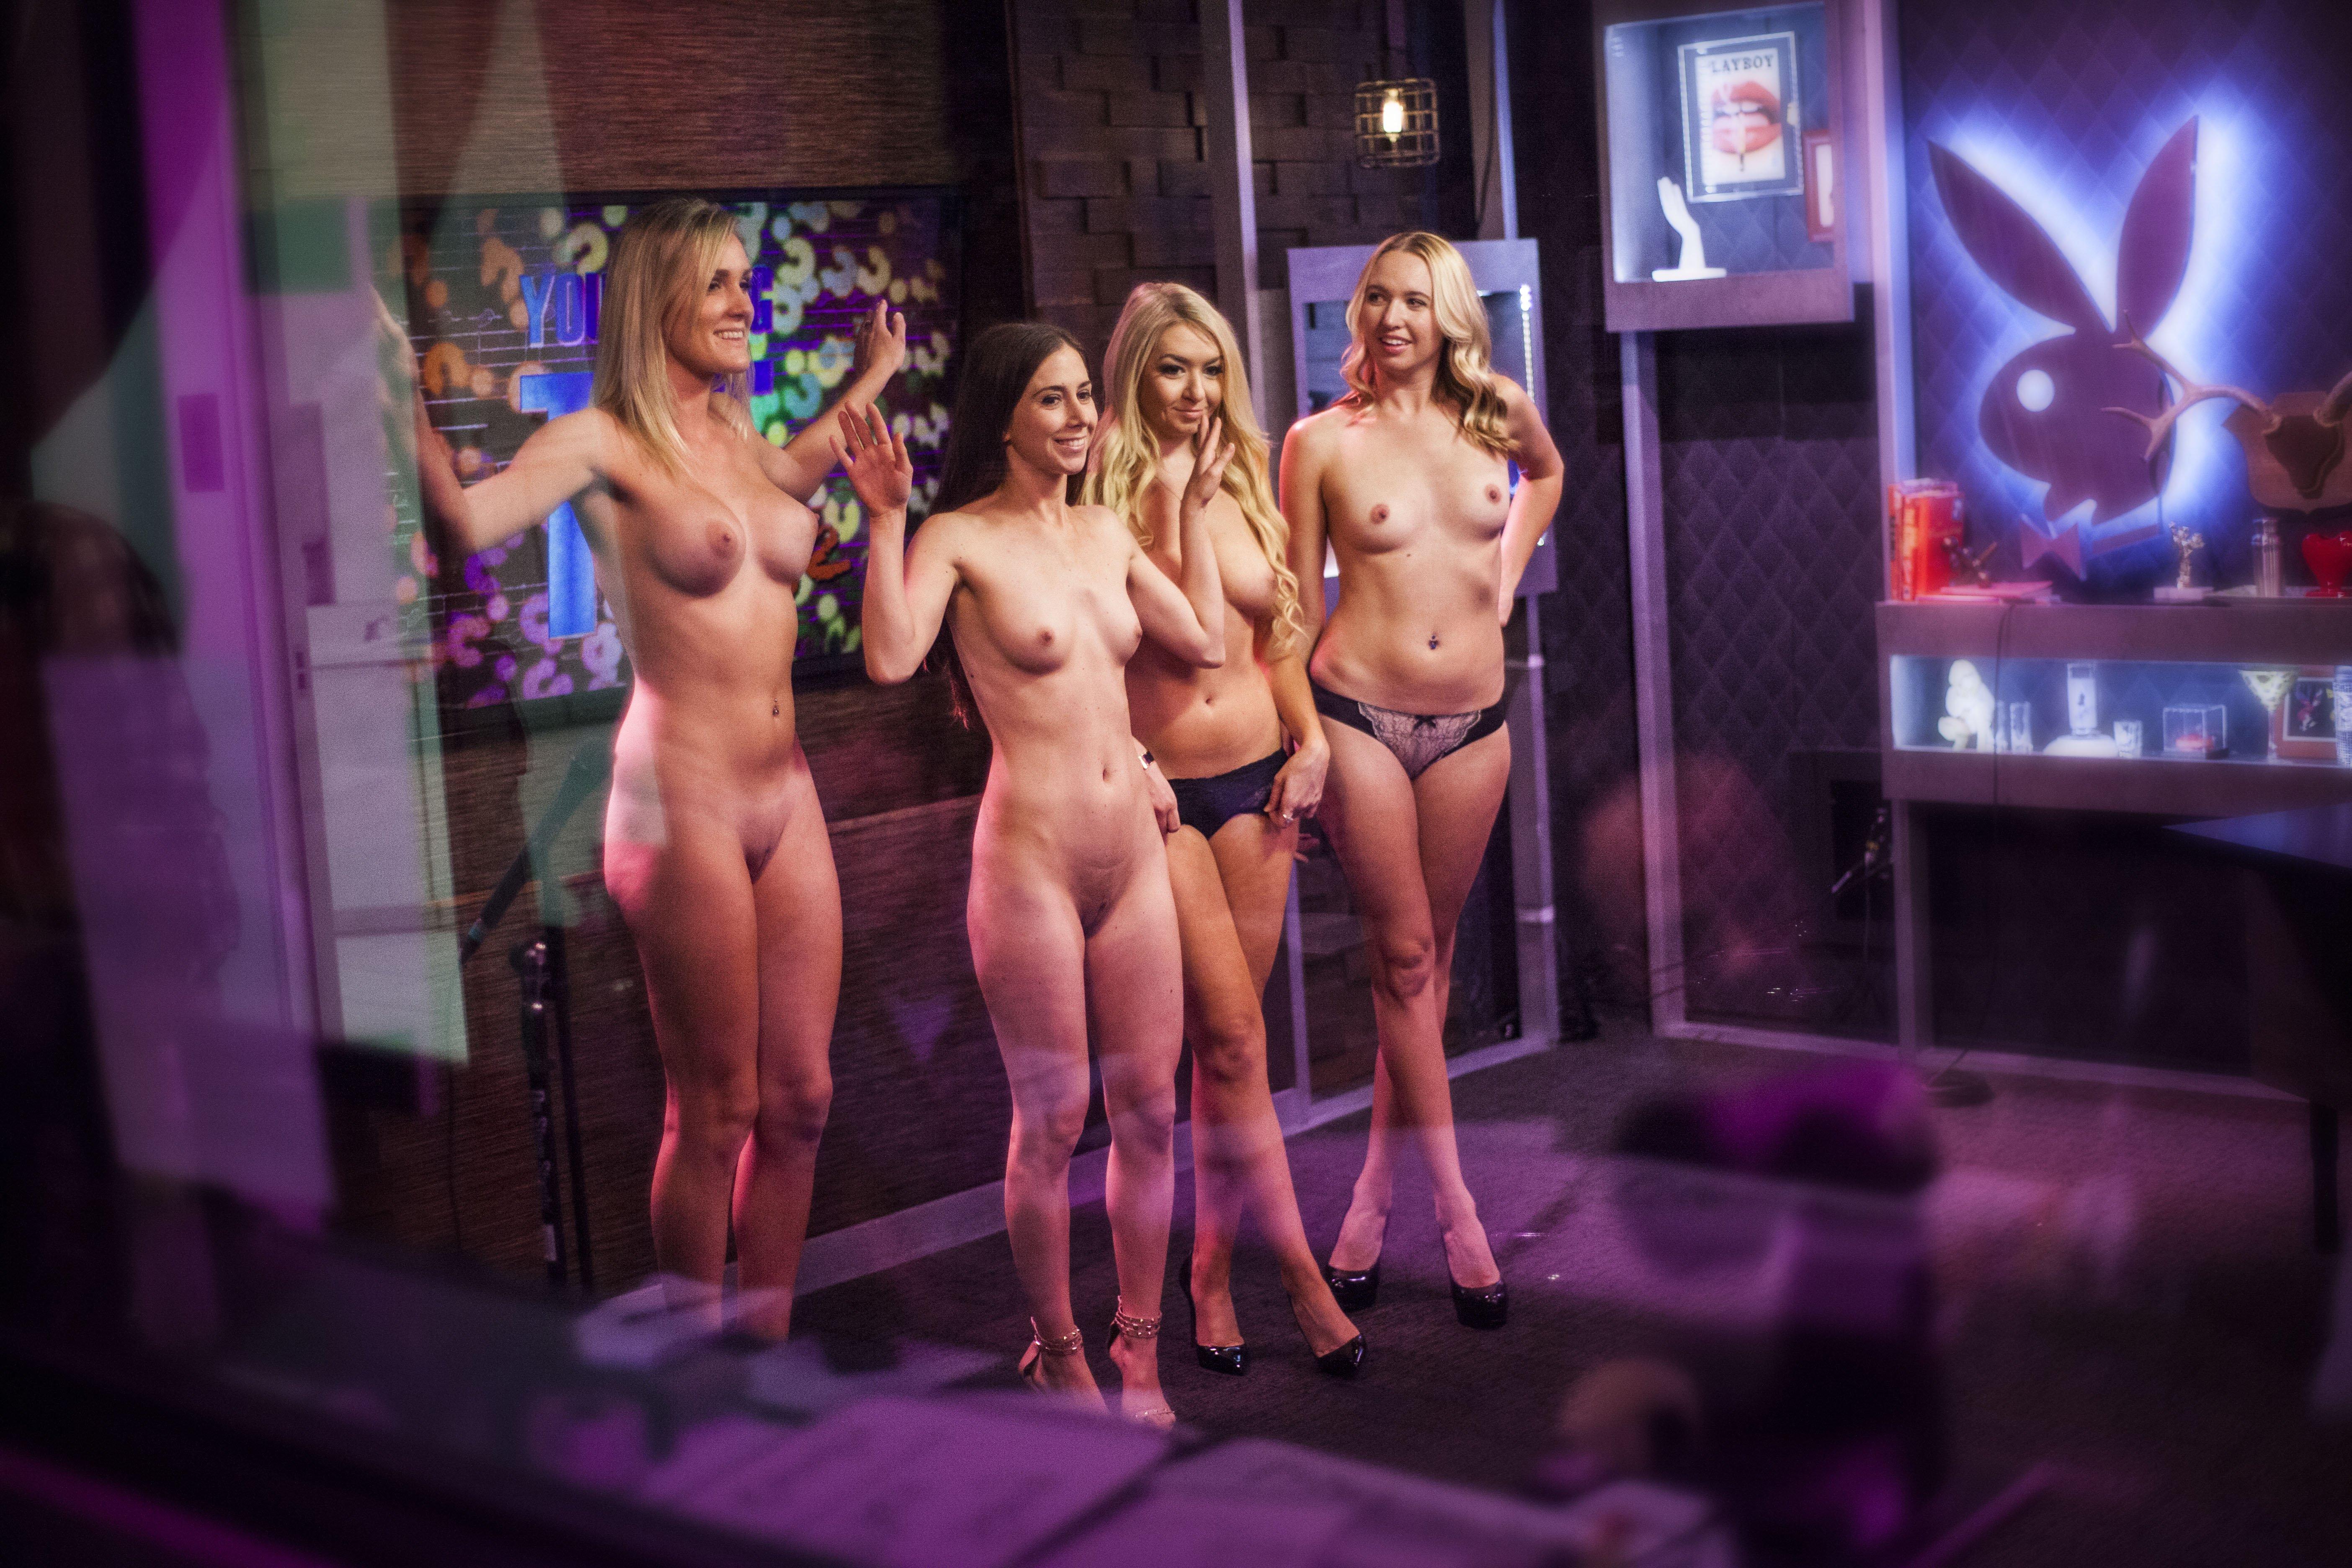 Las vegas strip clubs porn pics part